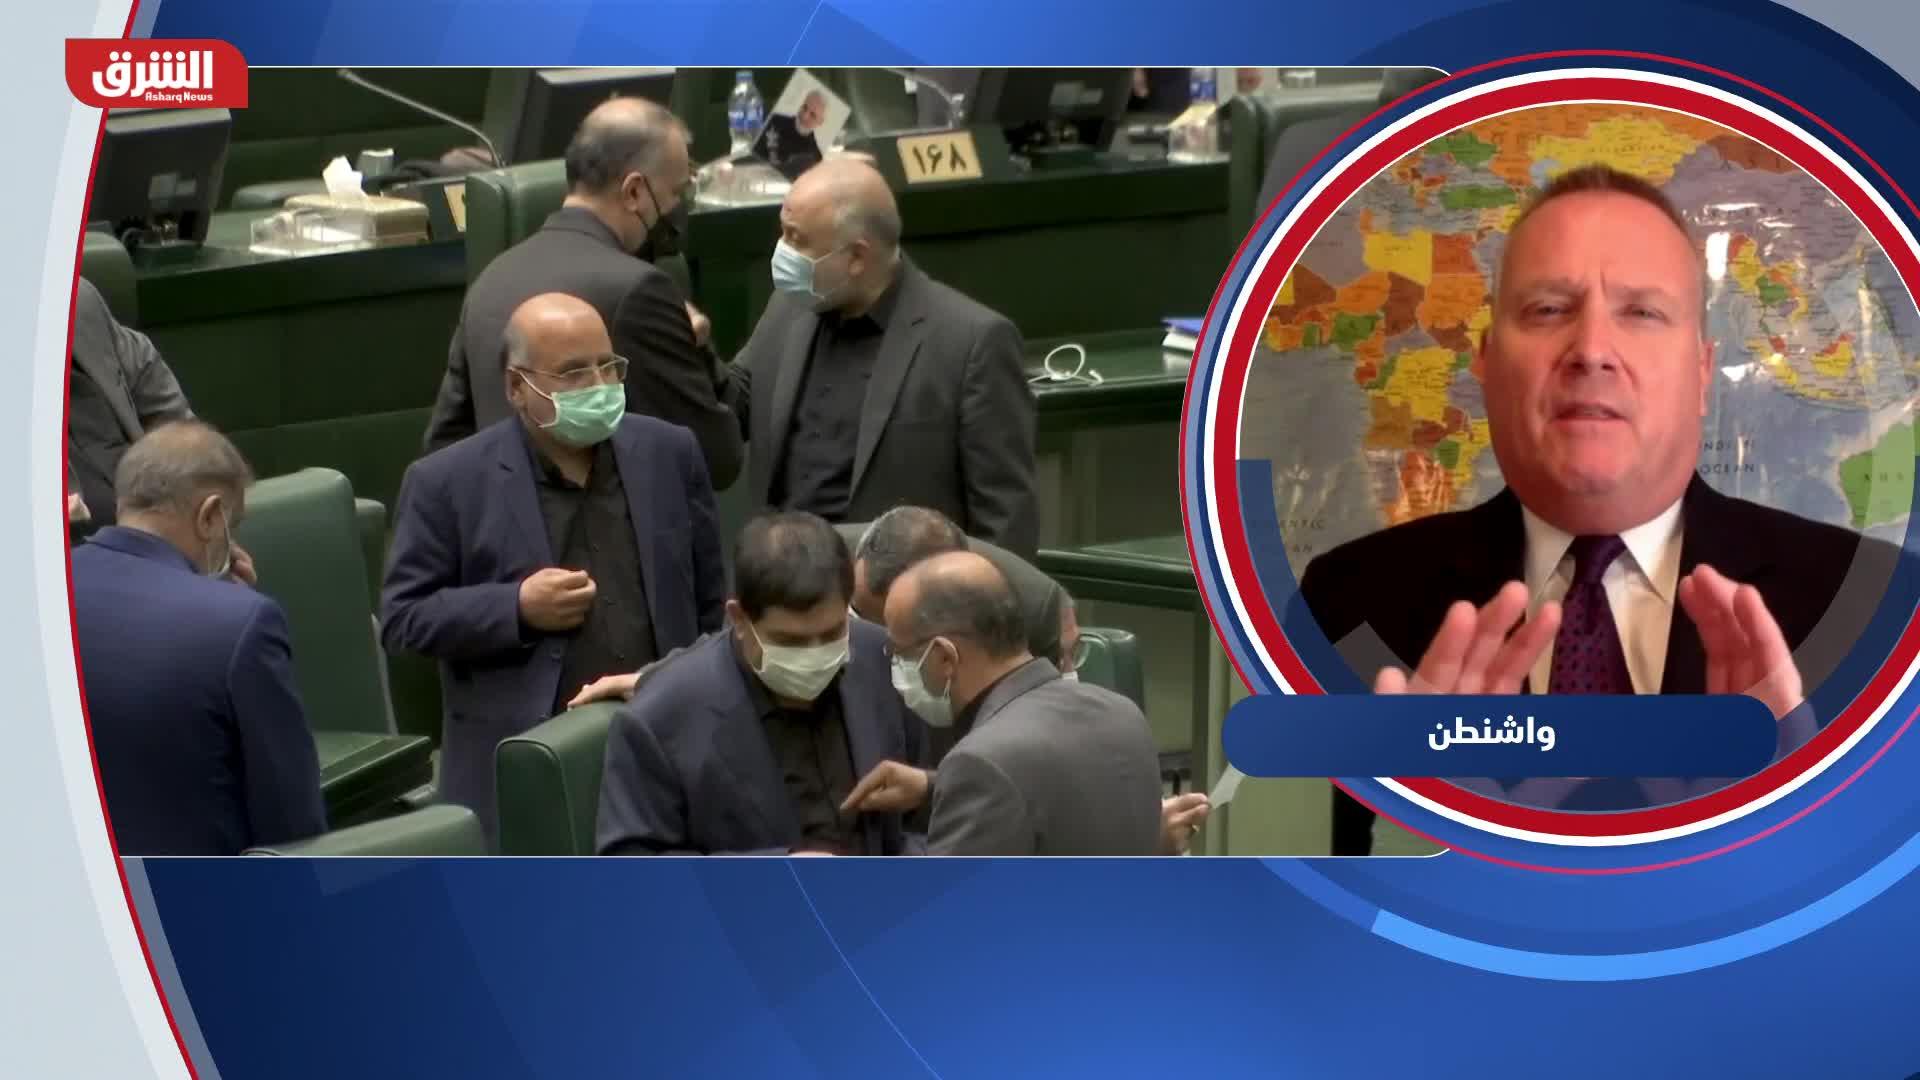 هل نحن نتجه إلى صدام إسرائيلي- إيراني؟